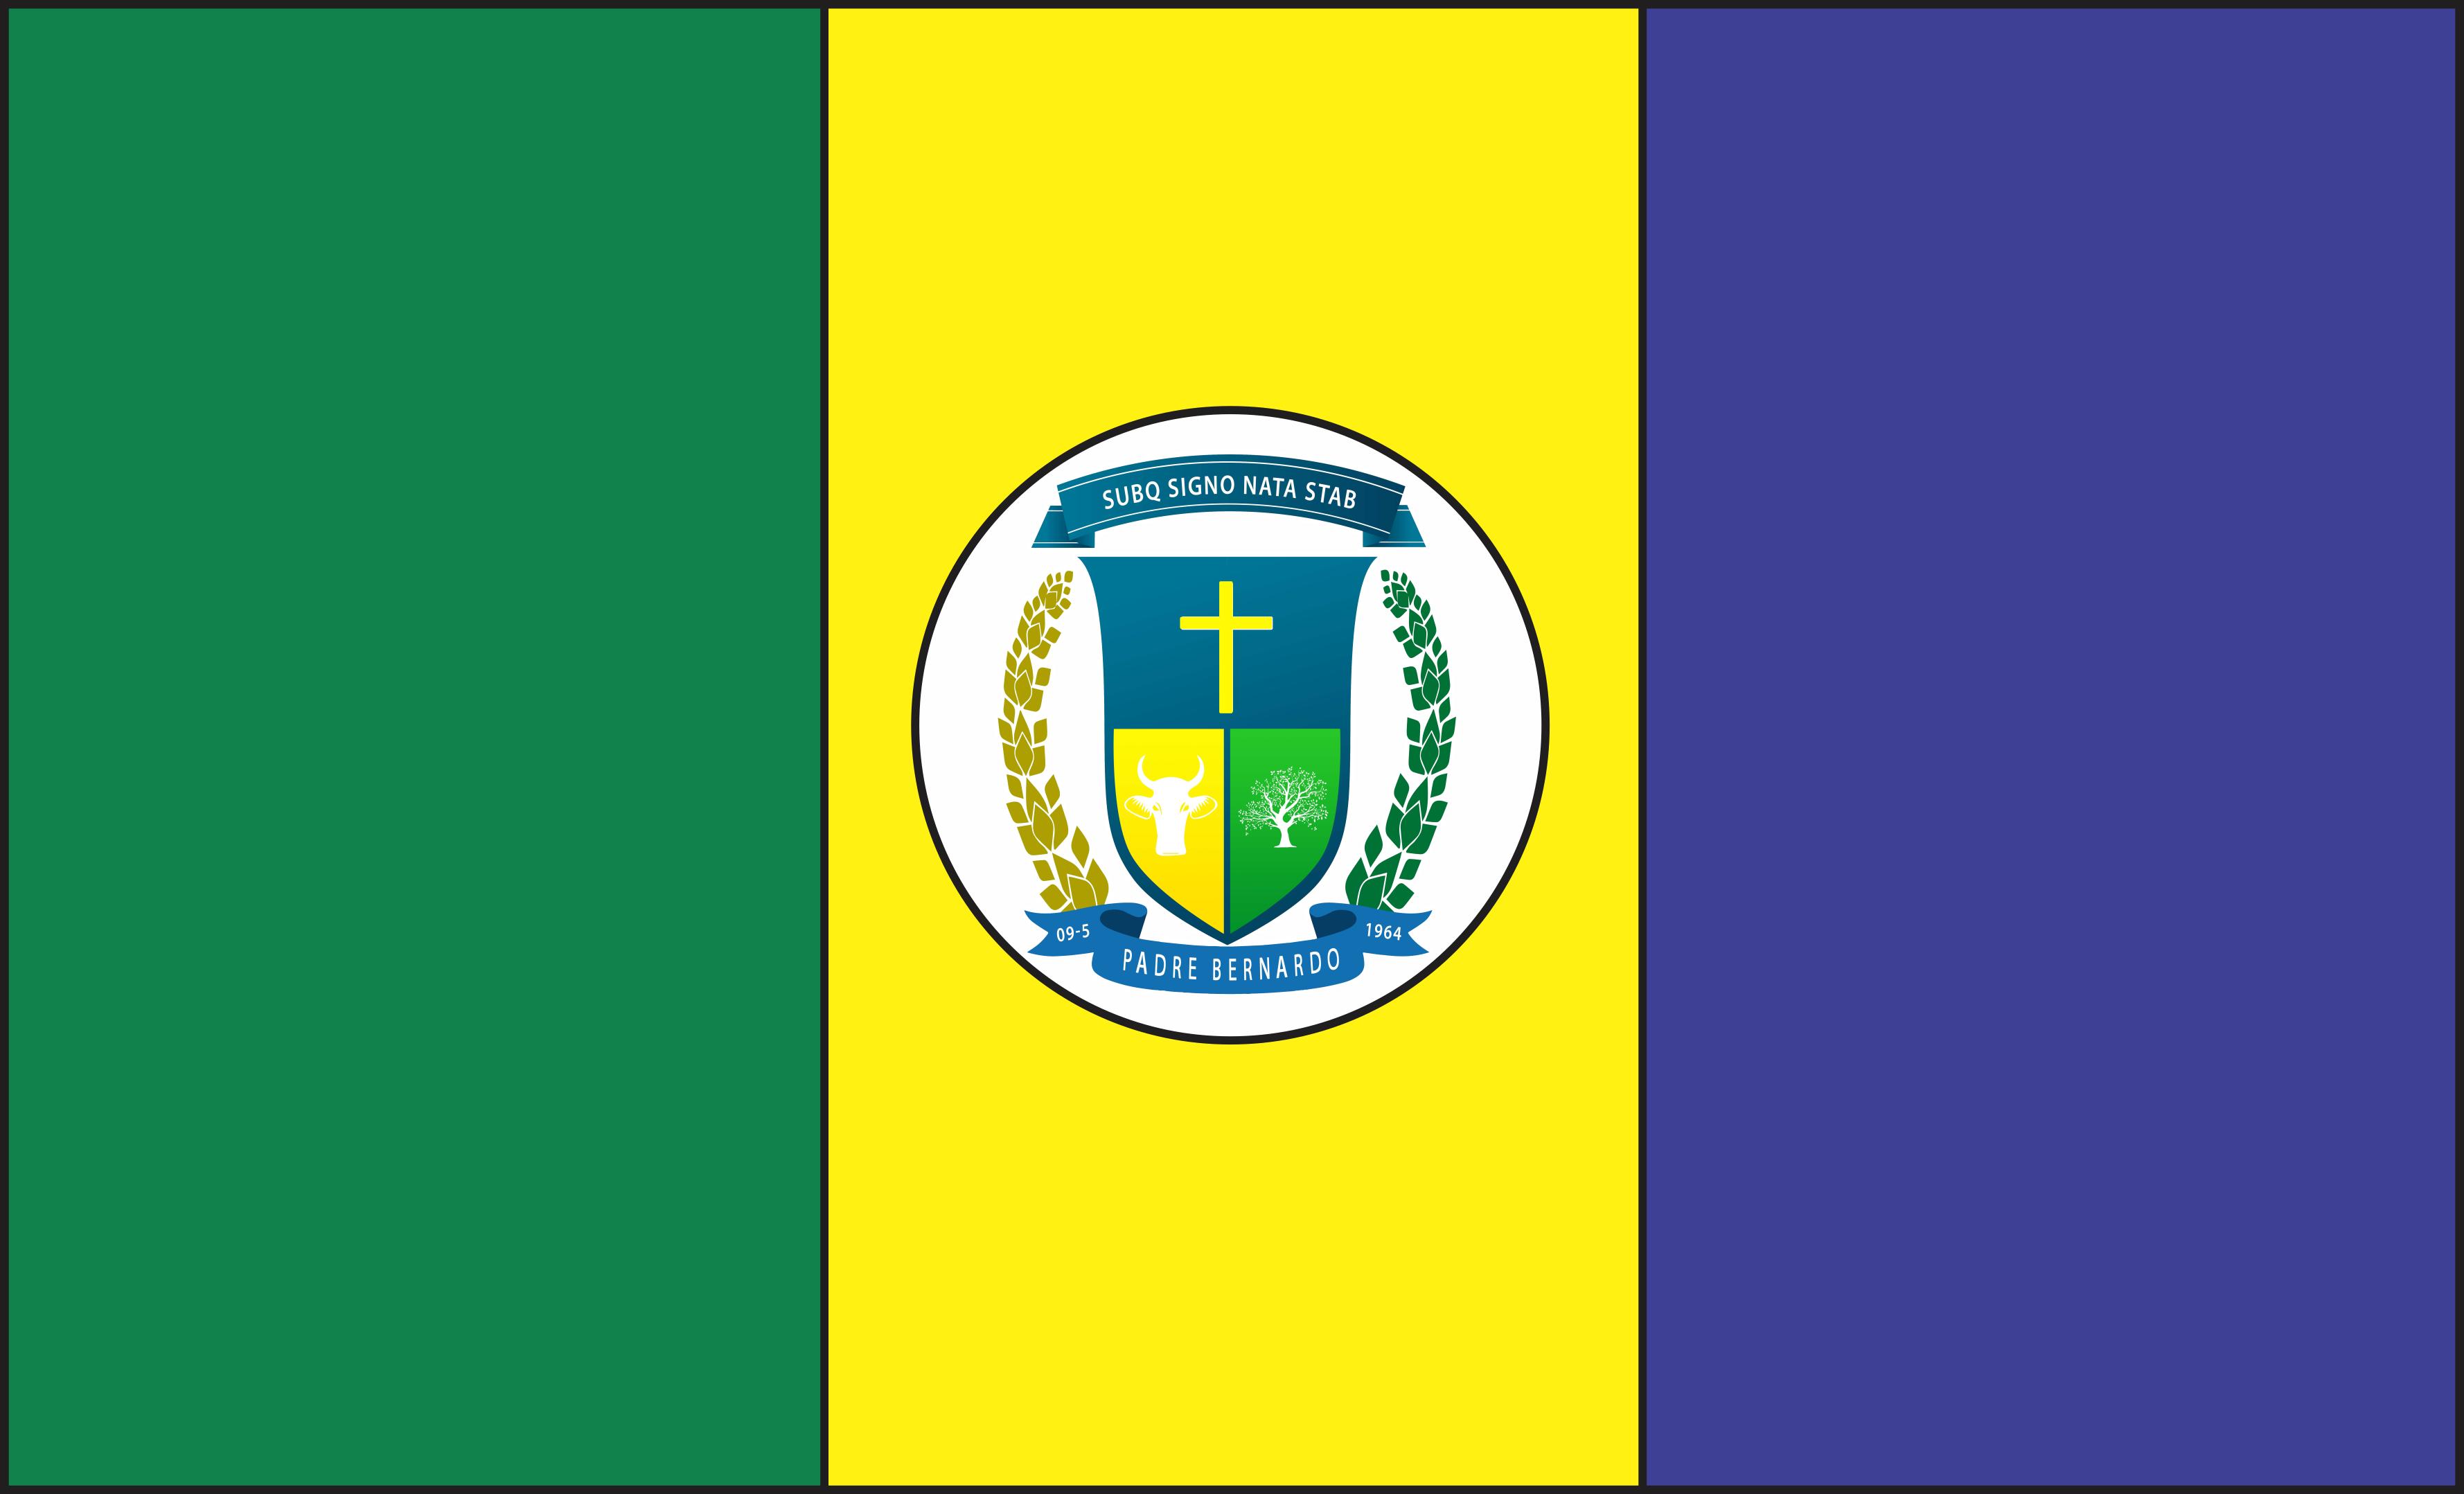 Bandeira de Padre Bernardo - GO